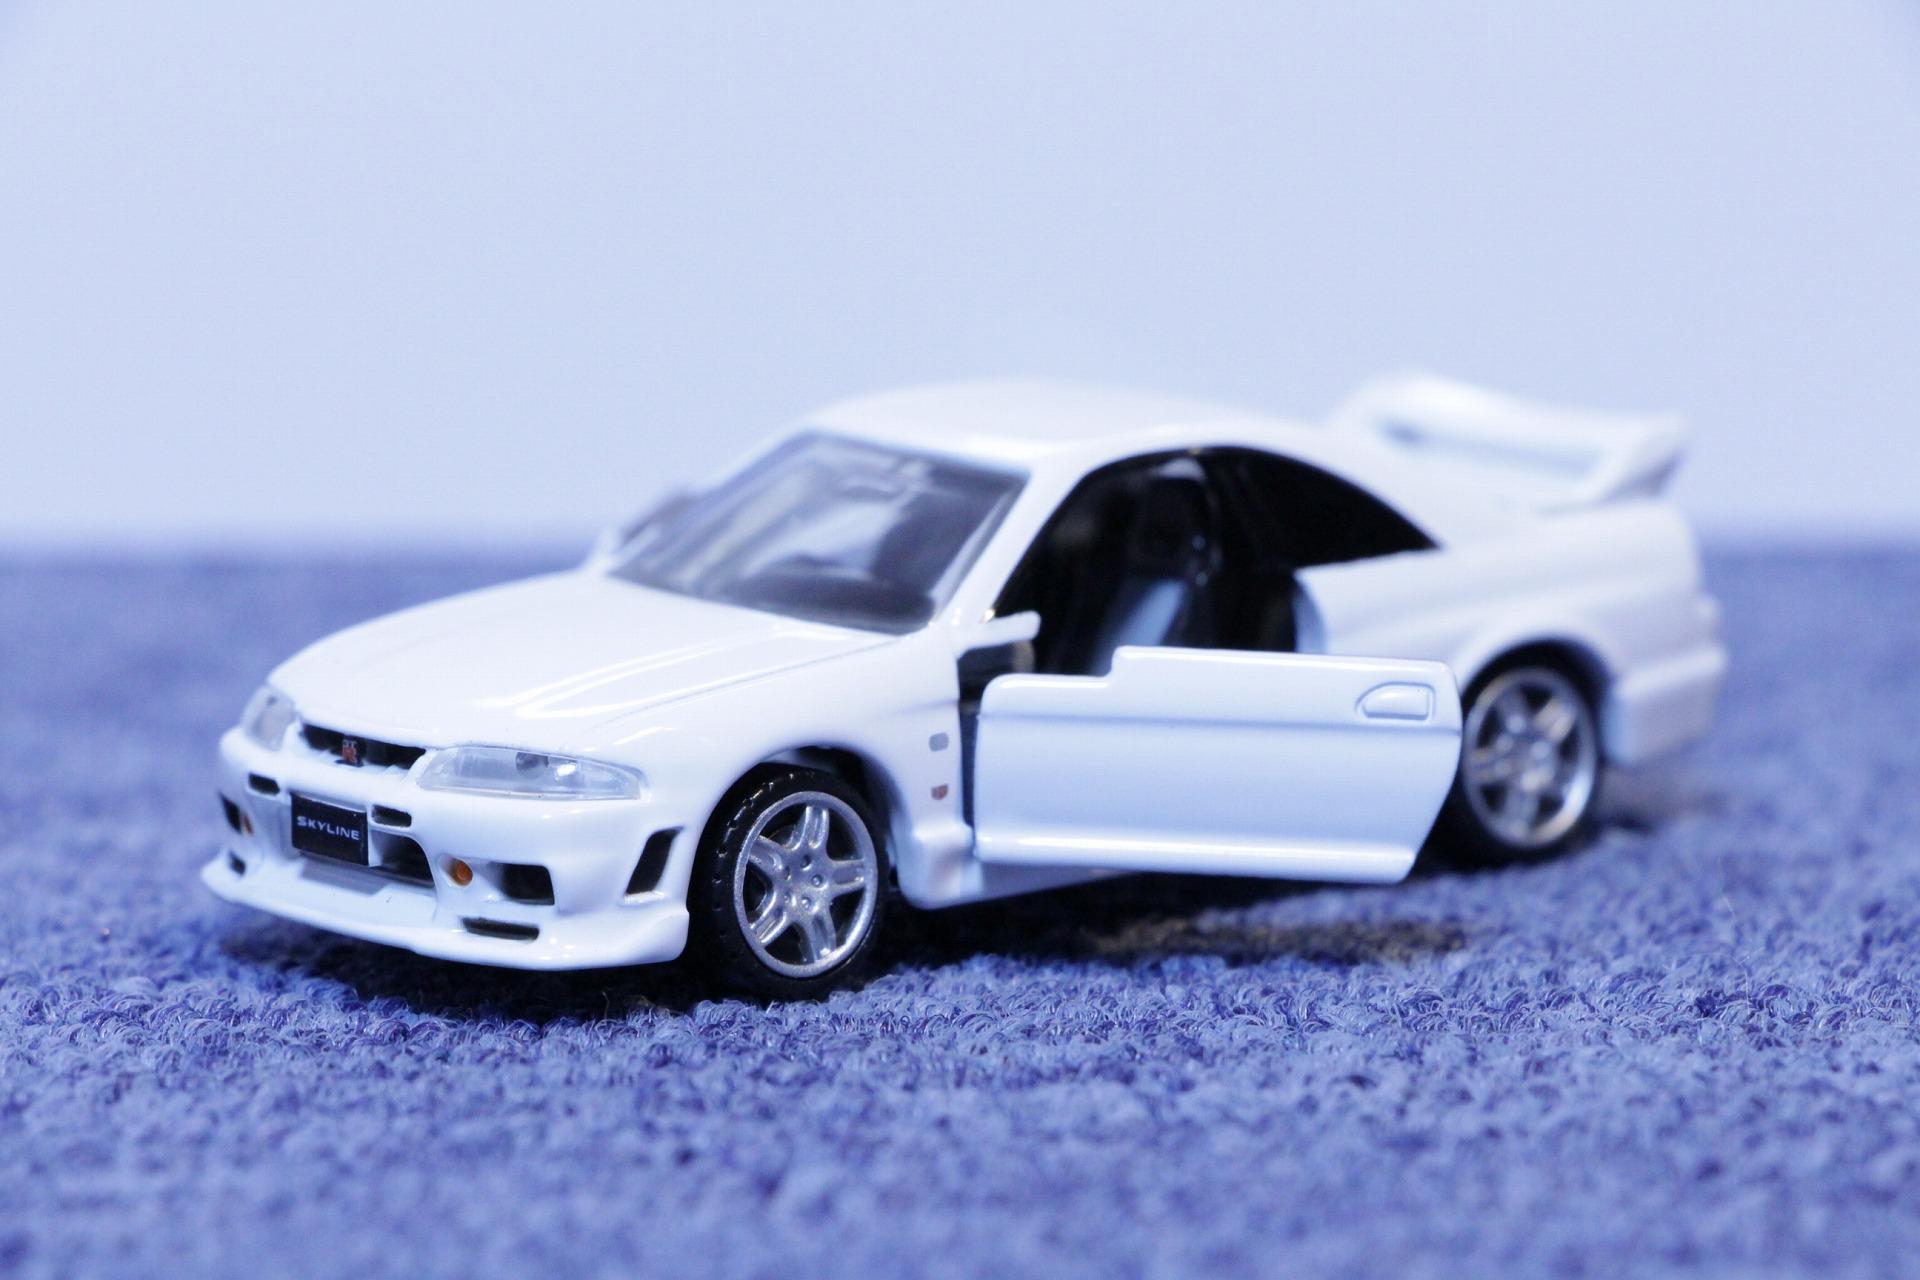 タカラトミー プレミアム トミカ No.13 日産 スカイライン GT-R